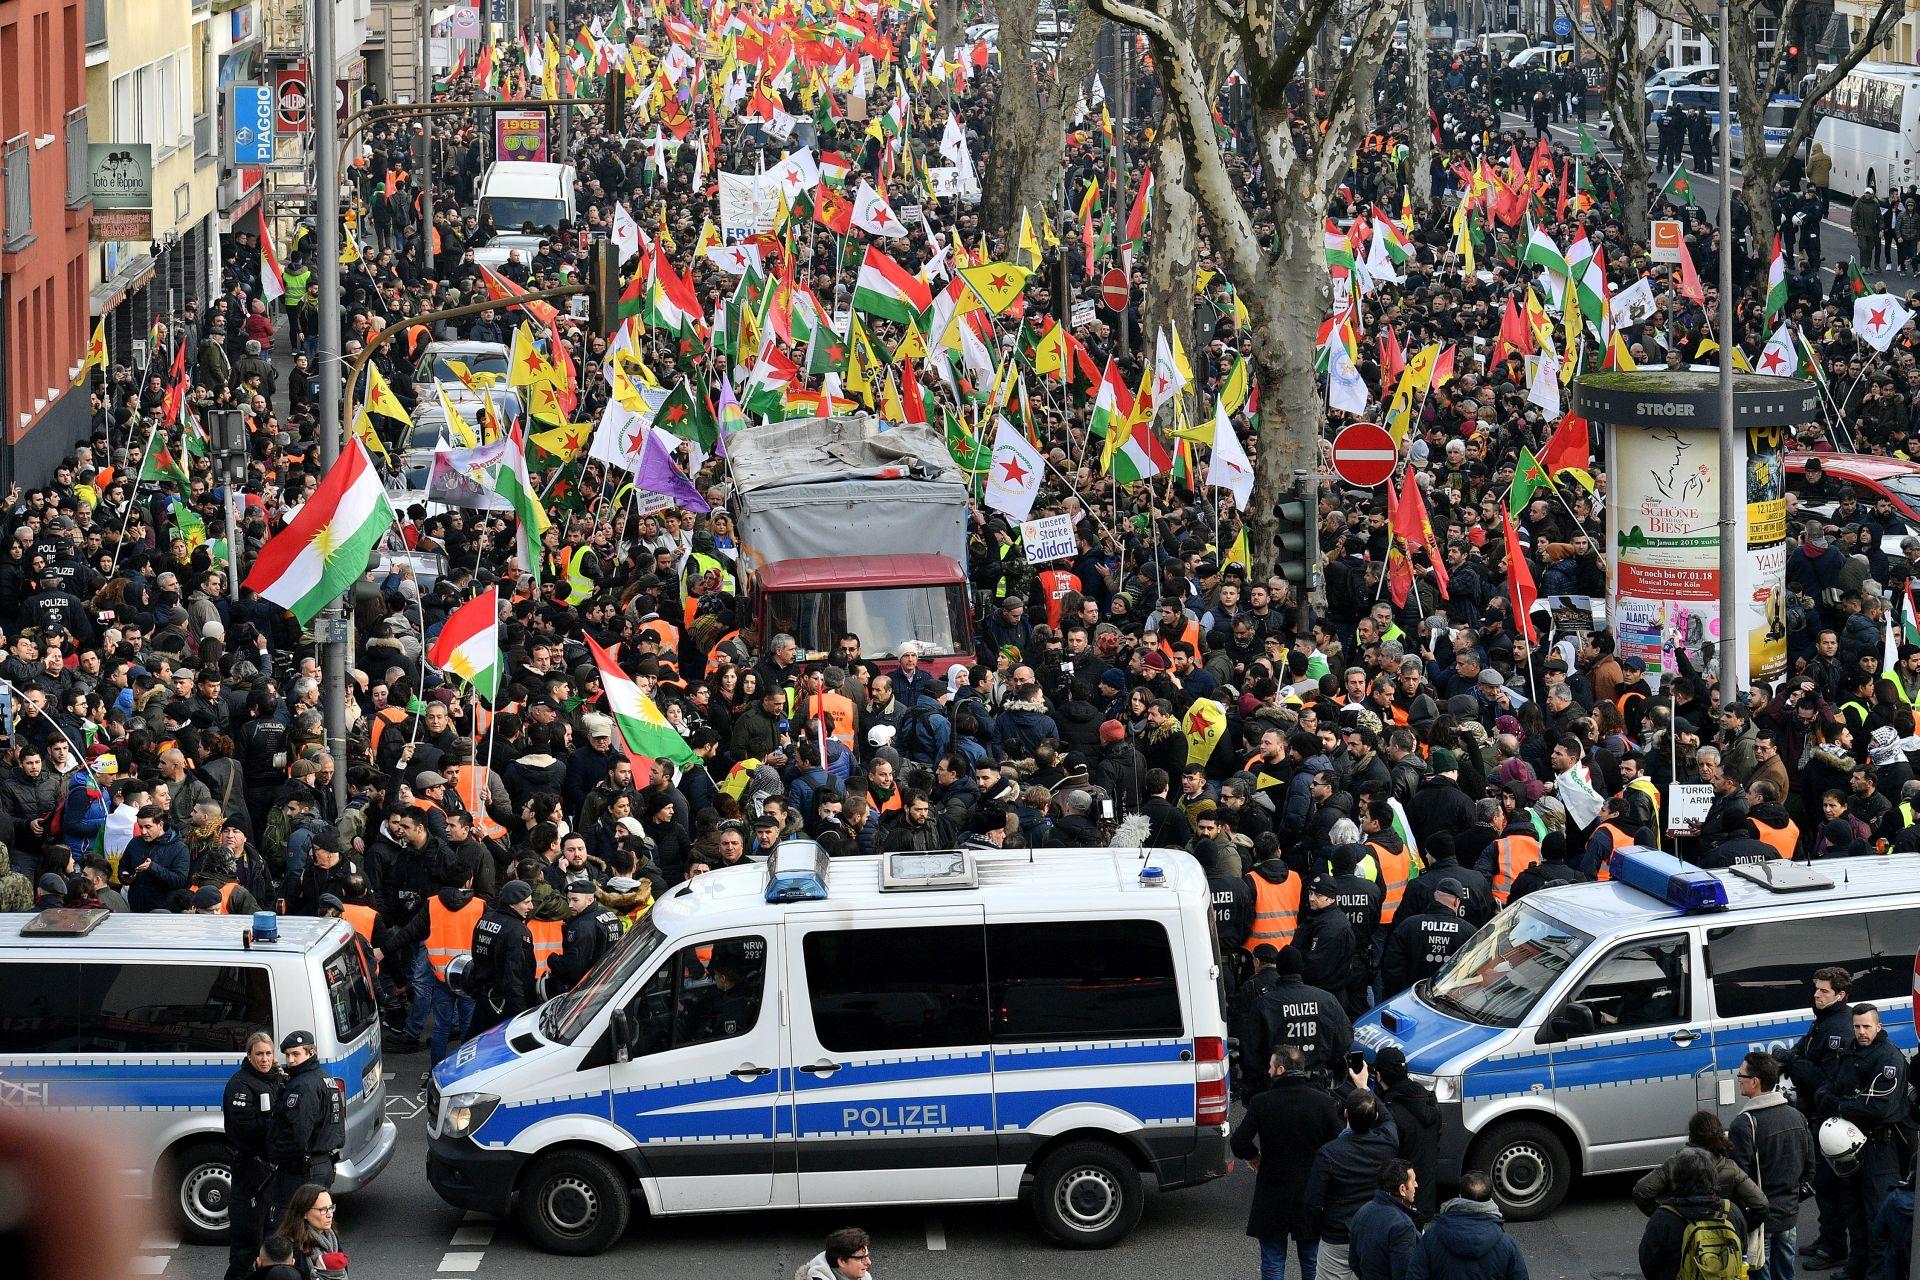 Njemačka prekinula kurdski prosvjed zbog simbola PKK